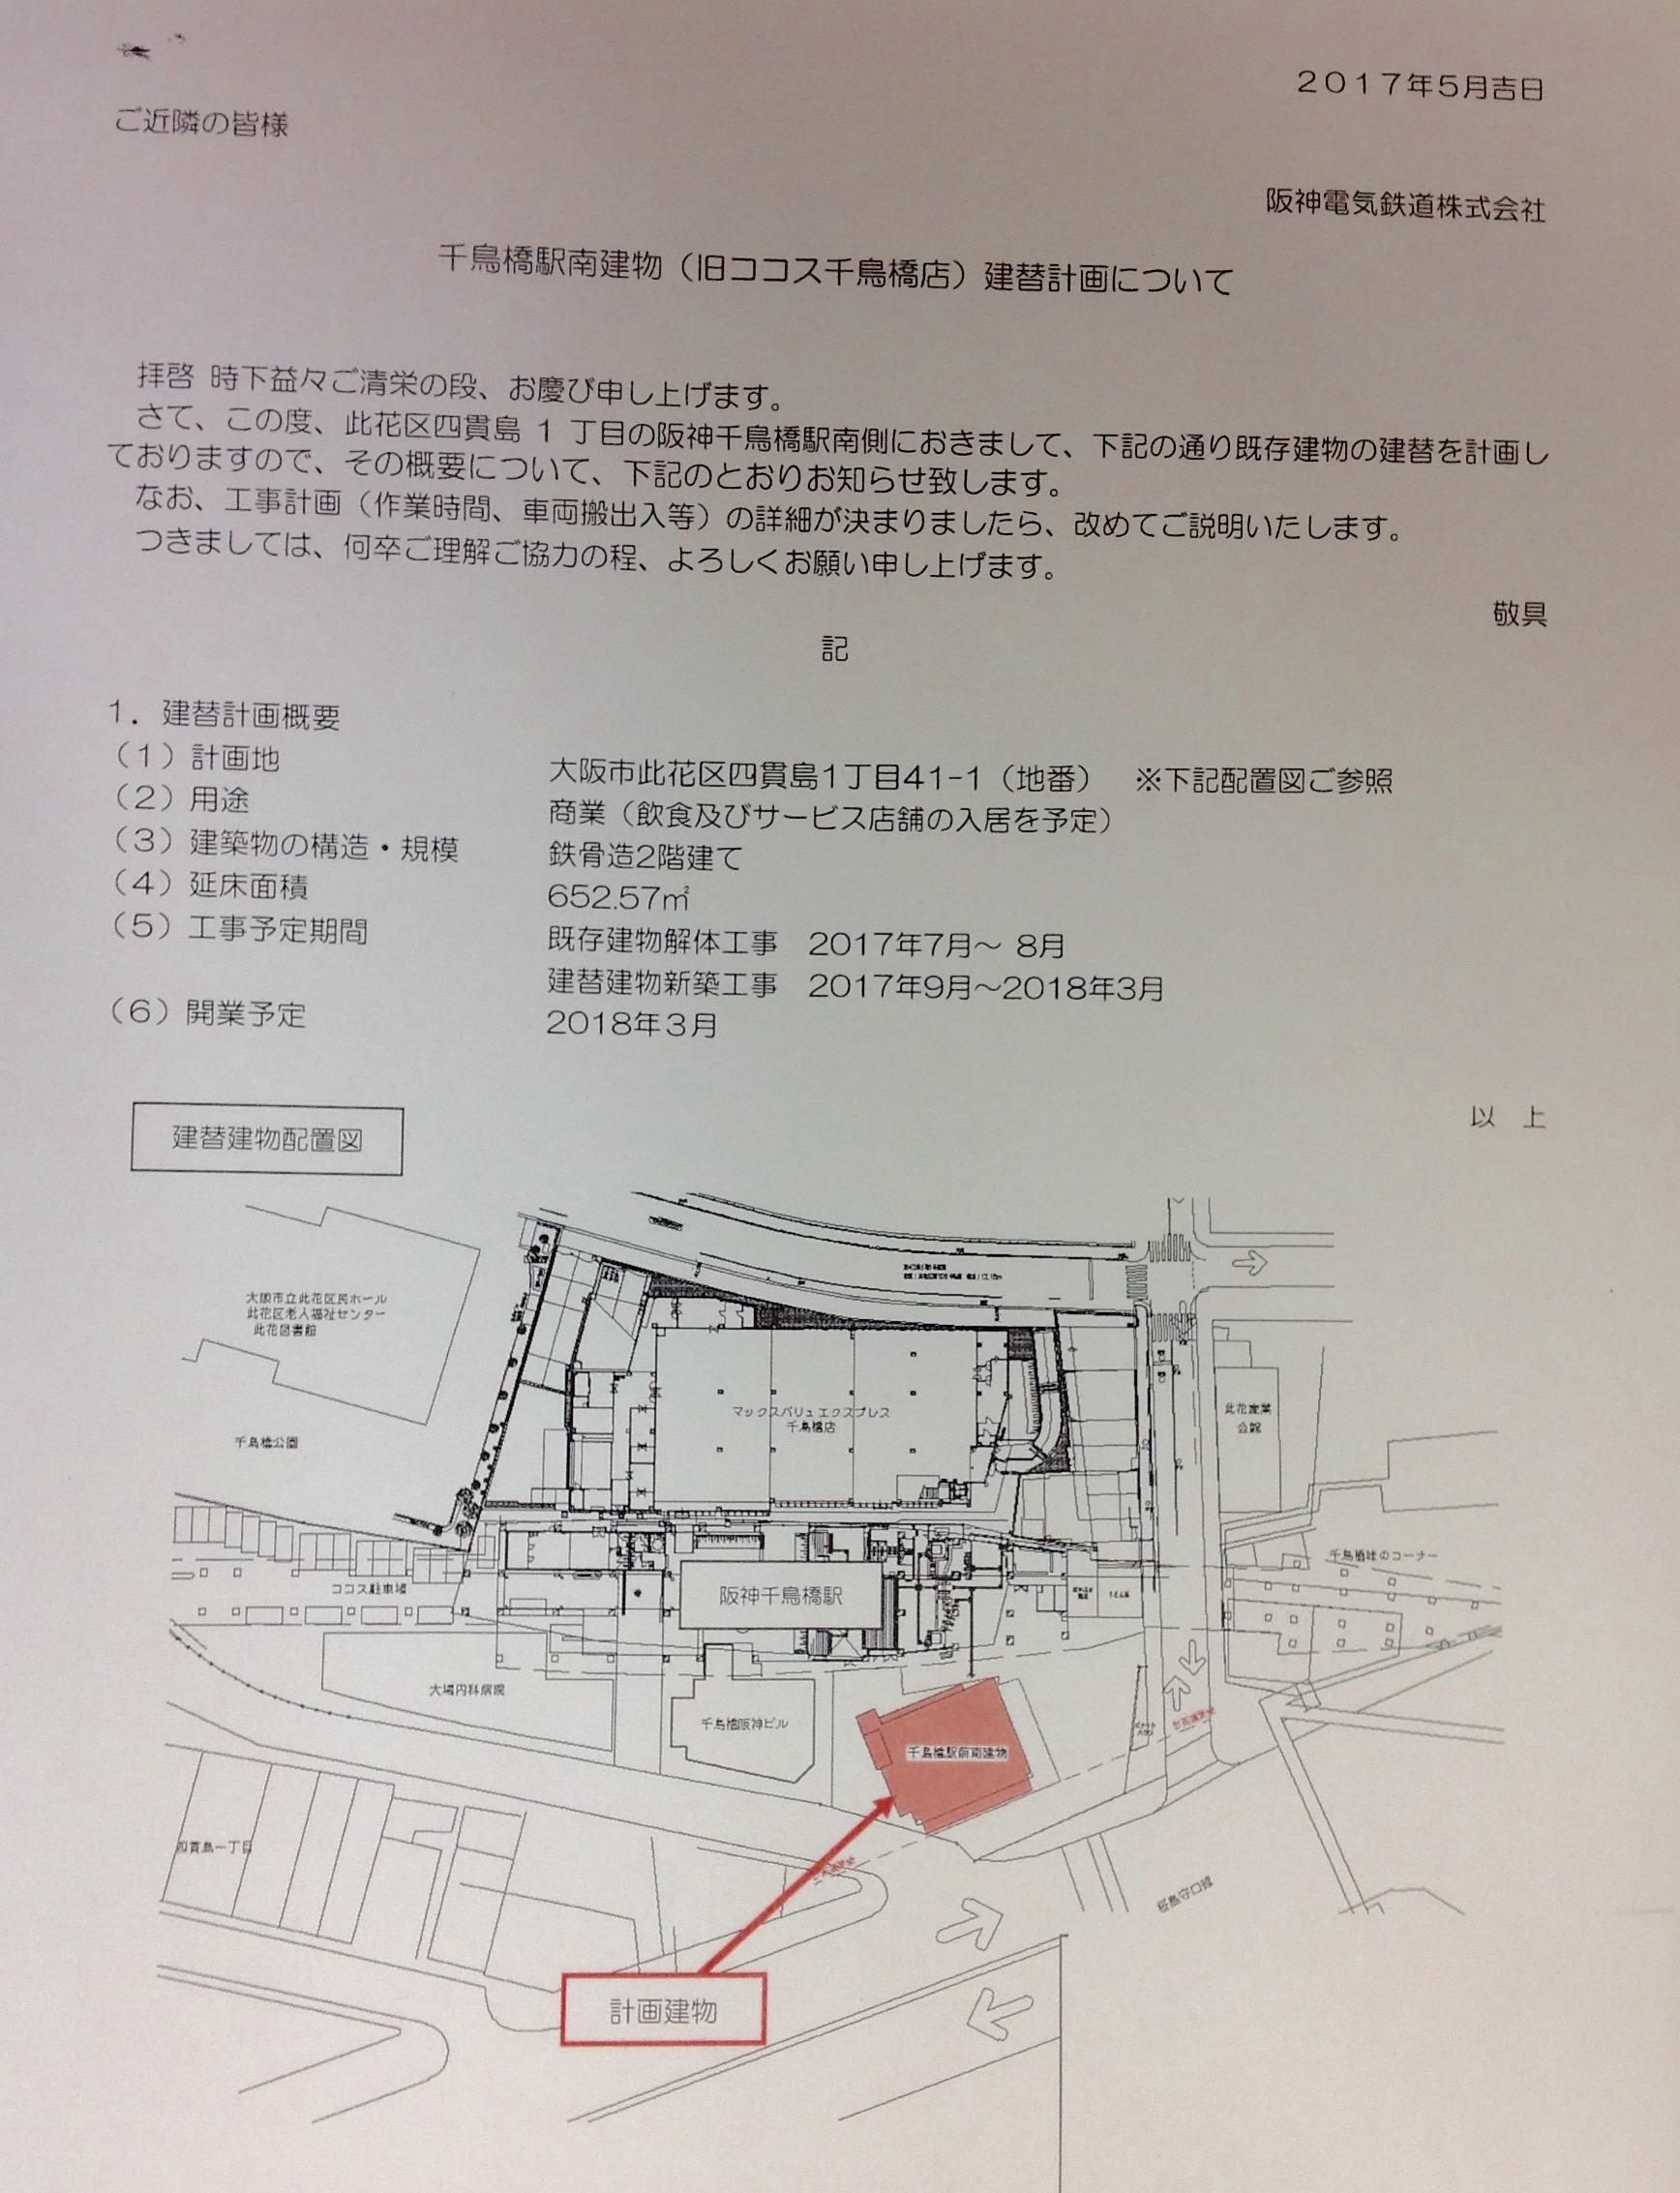 千鳥橋駅南側の建物